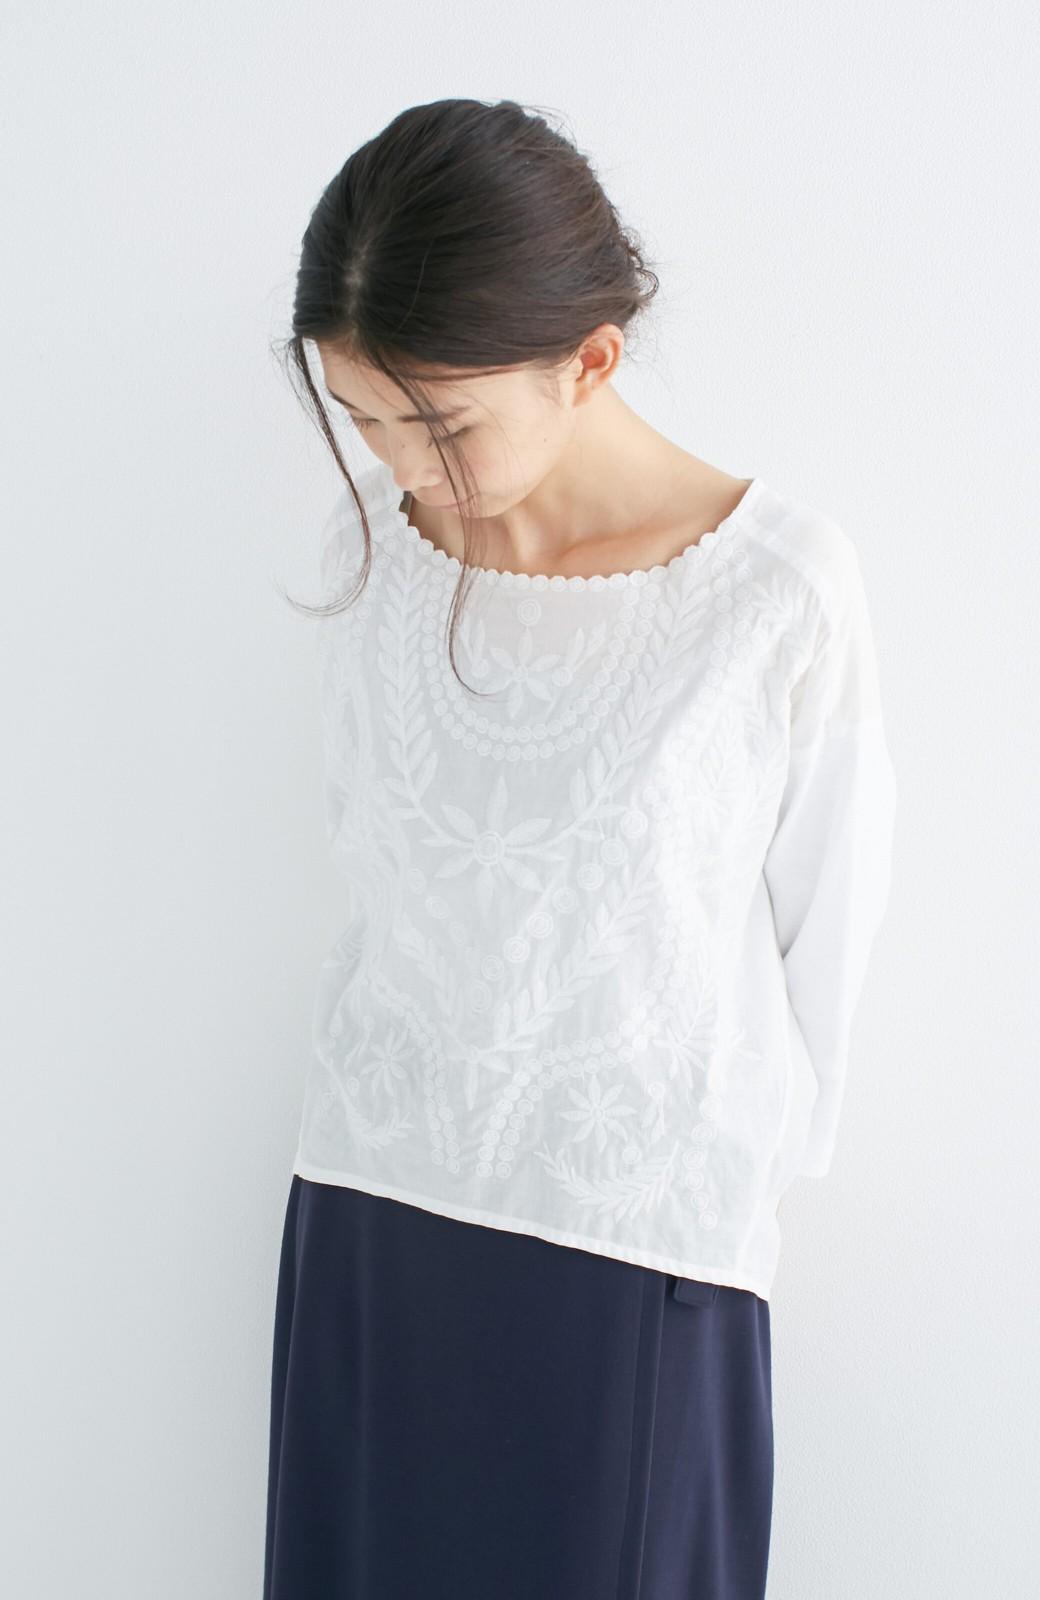 エムトロワ こう見えて動きやすい、袖だけカットソーの華やか刺しゅうブラウス <ホワイト>の商品写真15